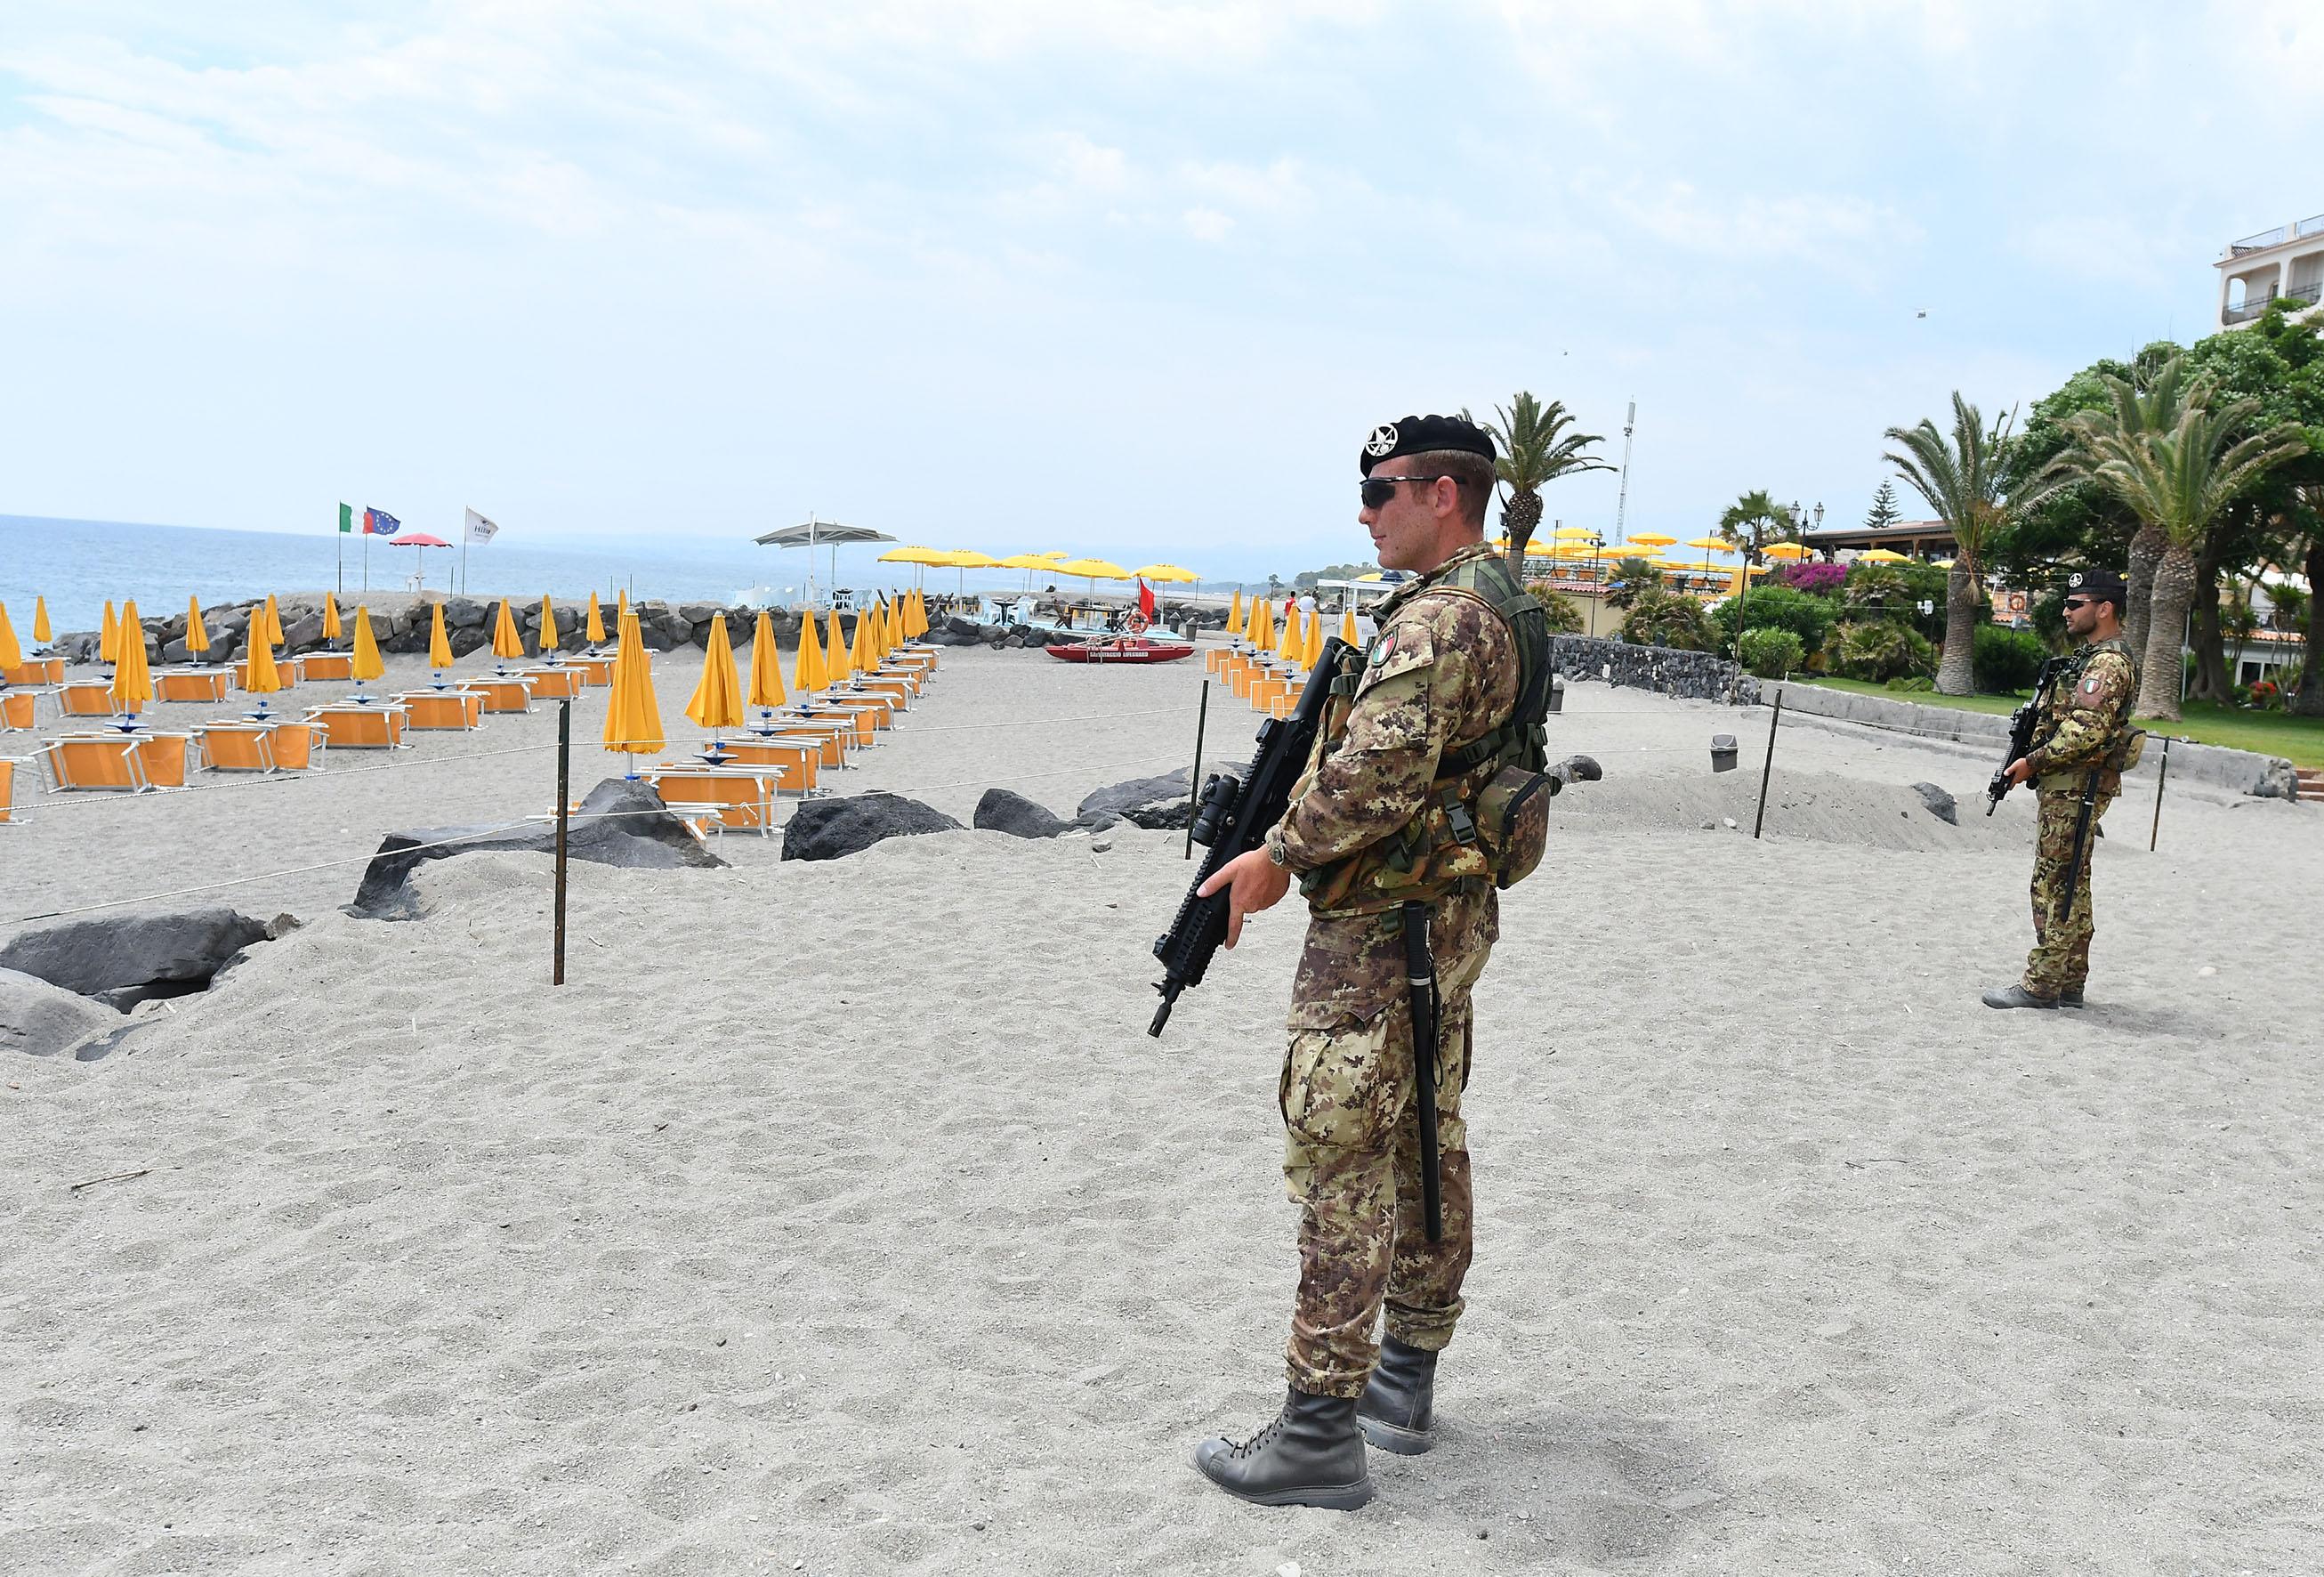 G7 le nostre foto da giardini spiagge militarizzate - Casting giardini da incubo 2017 ...